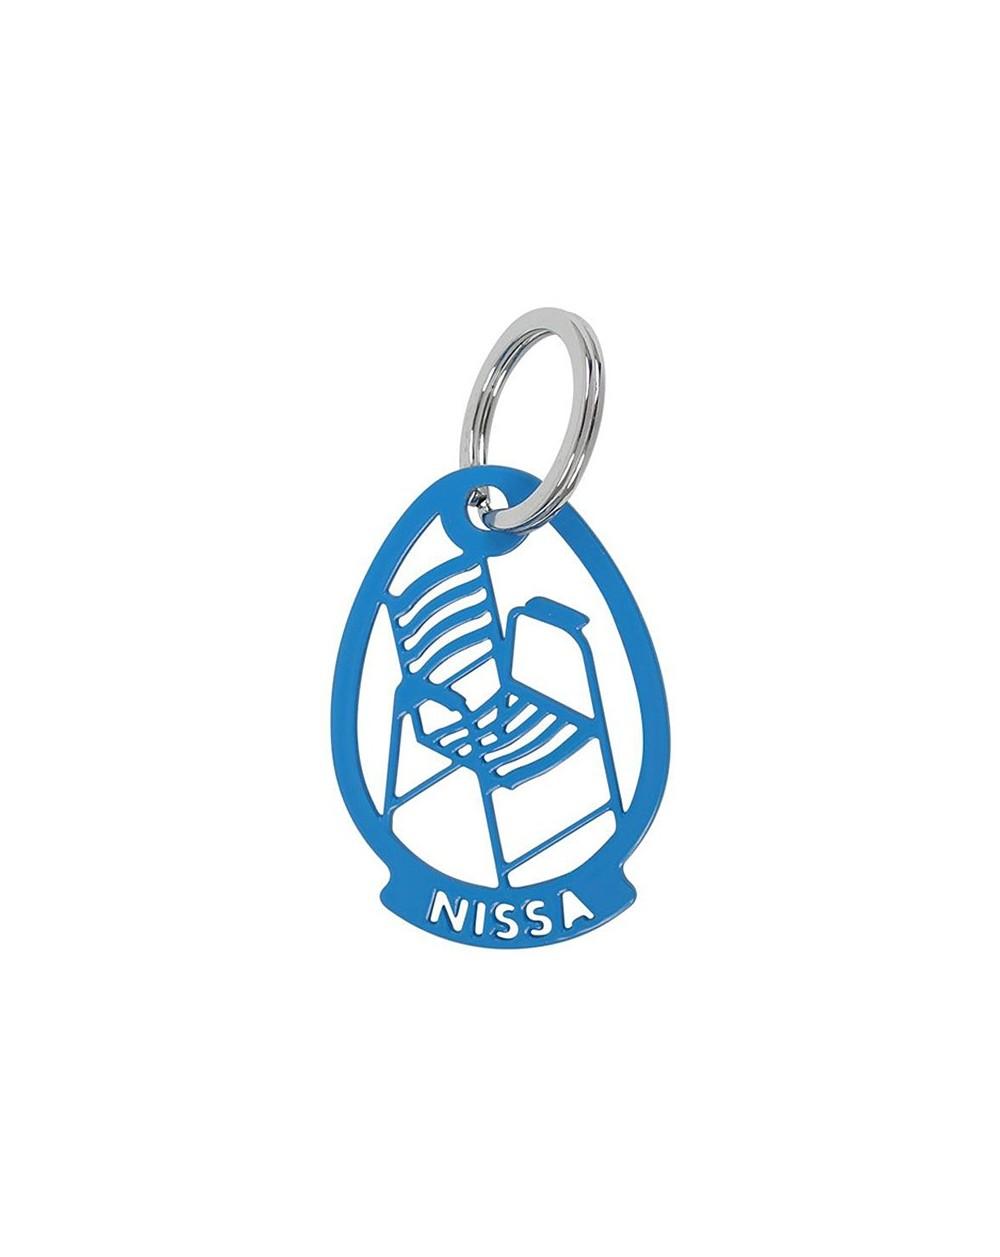 Porte-clefs Nissa